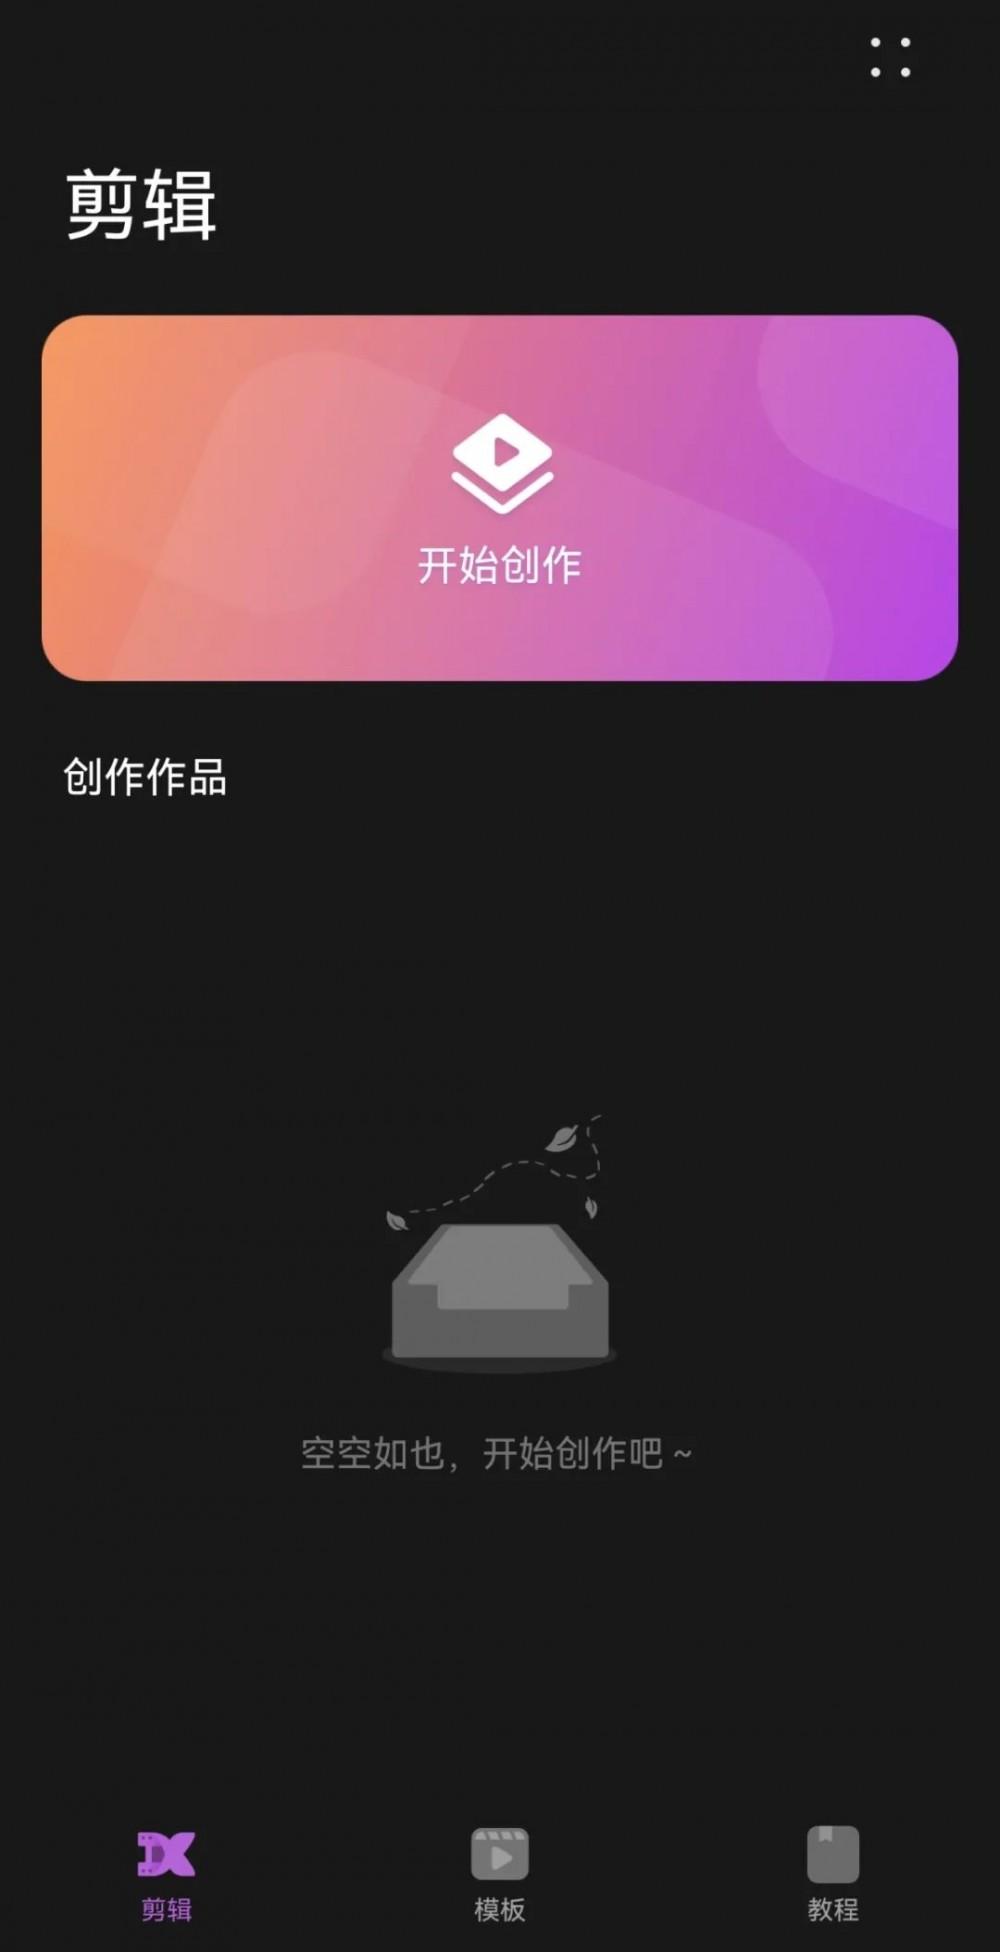 华为推出全新App,无广告免费,堪比抖音剪映!插图(2)